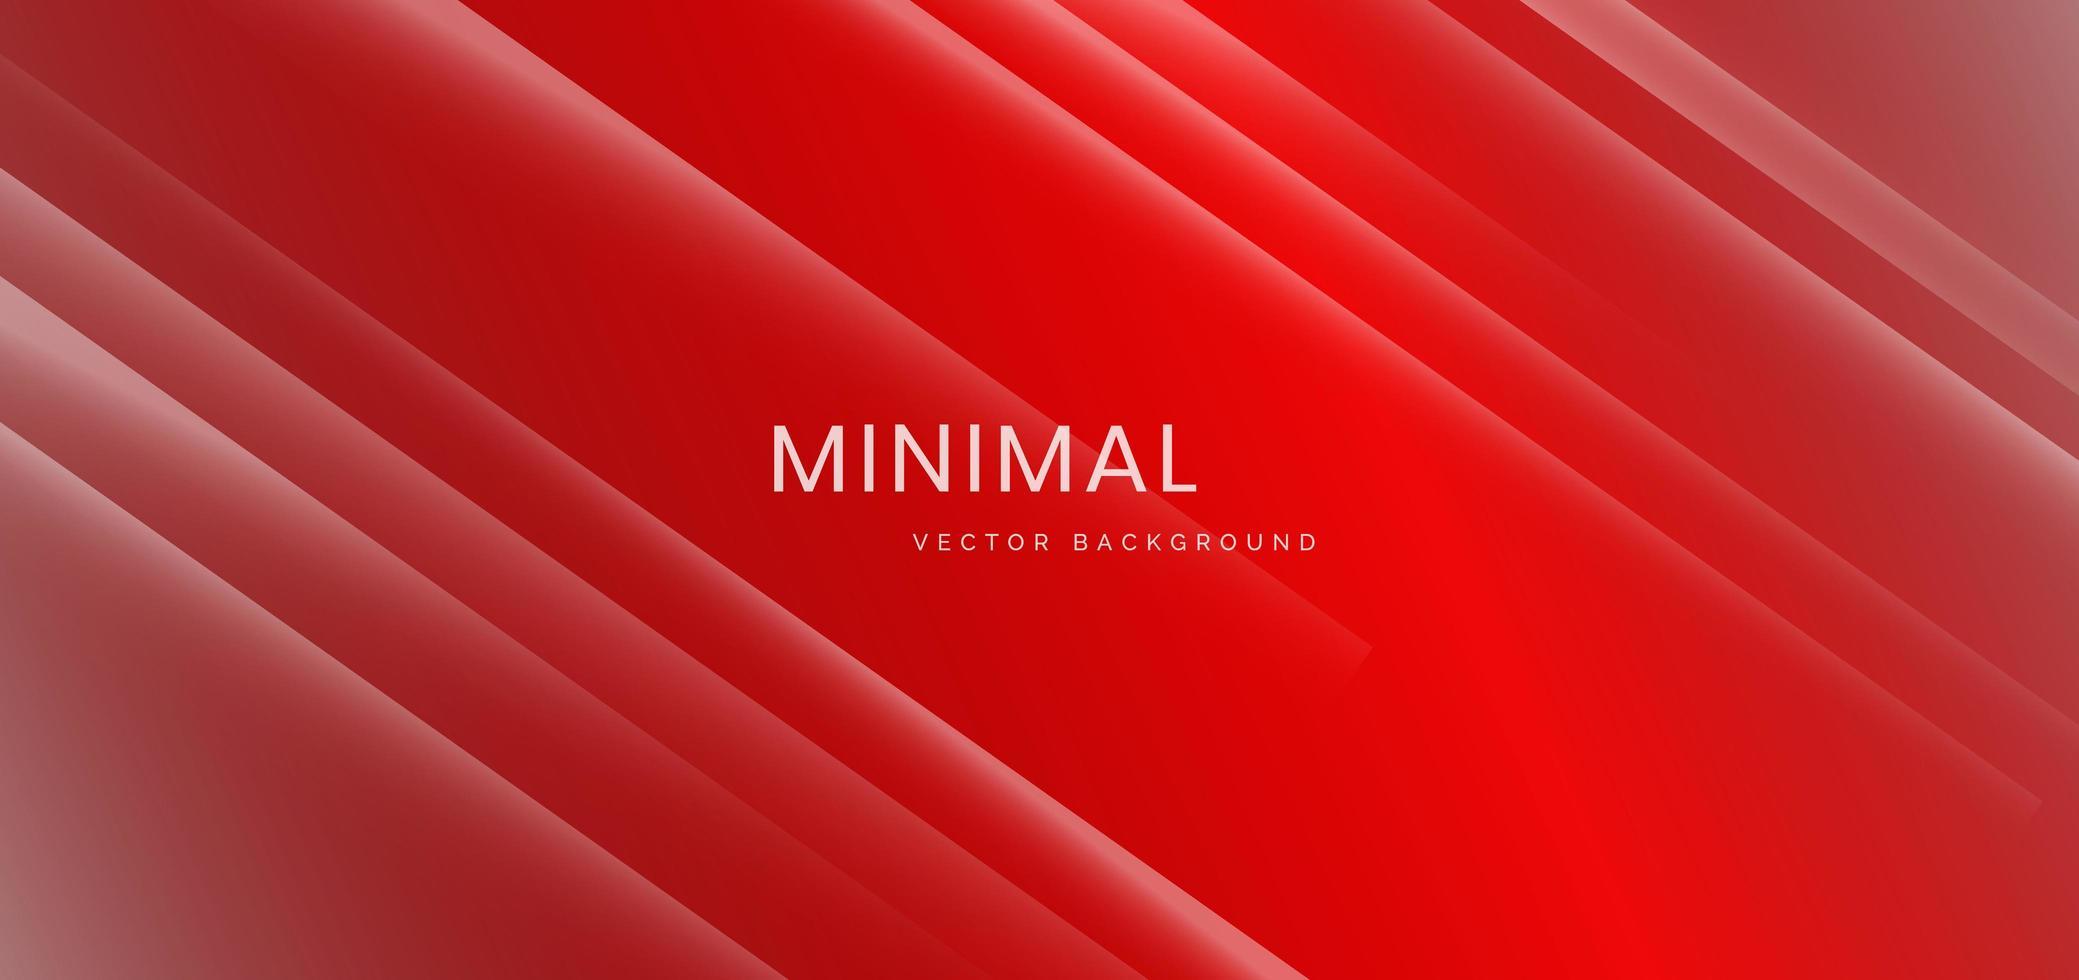 fundo gradiente vermelho e branco minimalista vetor